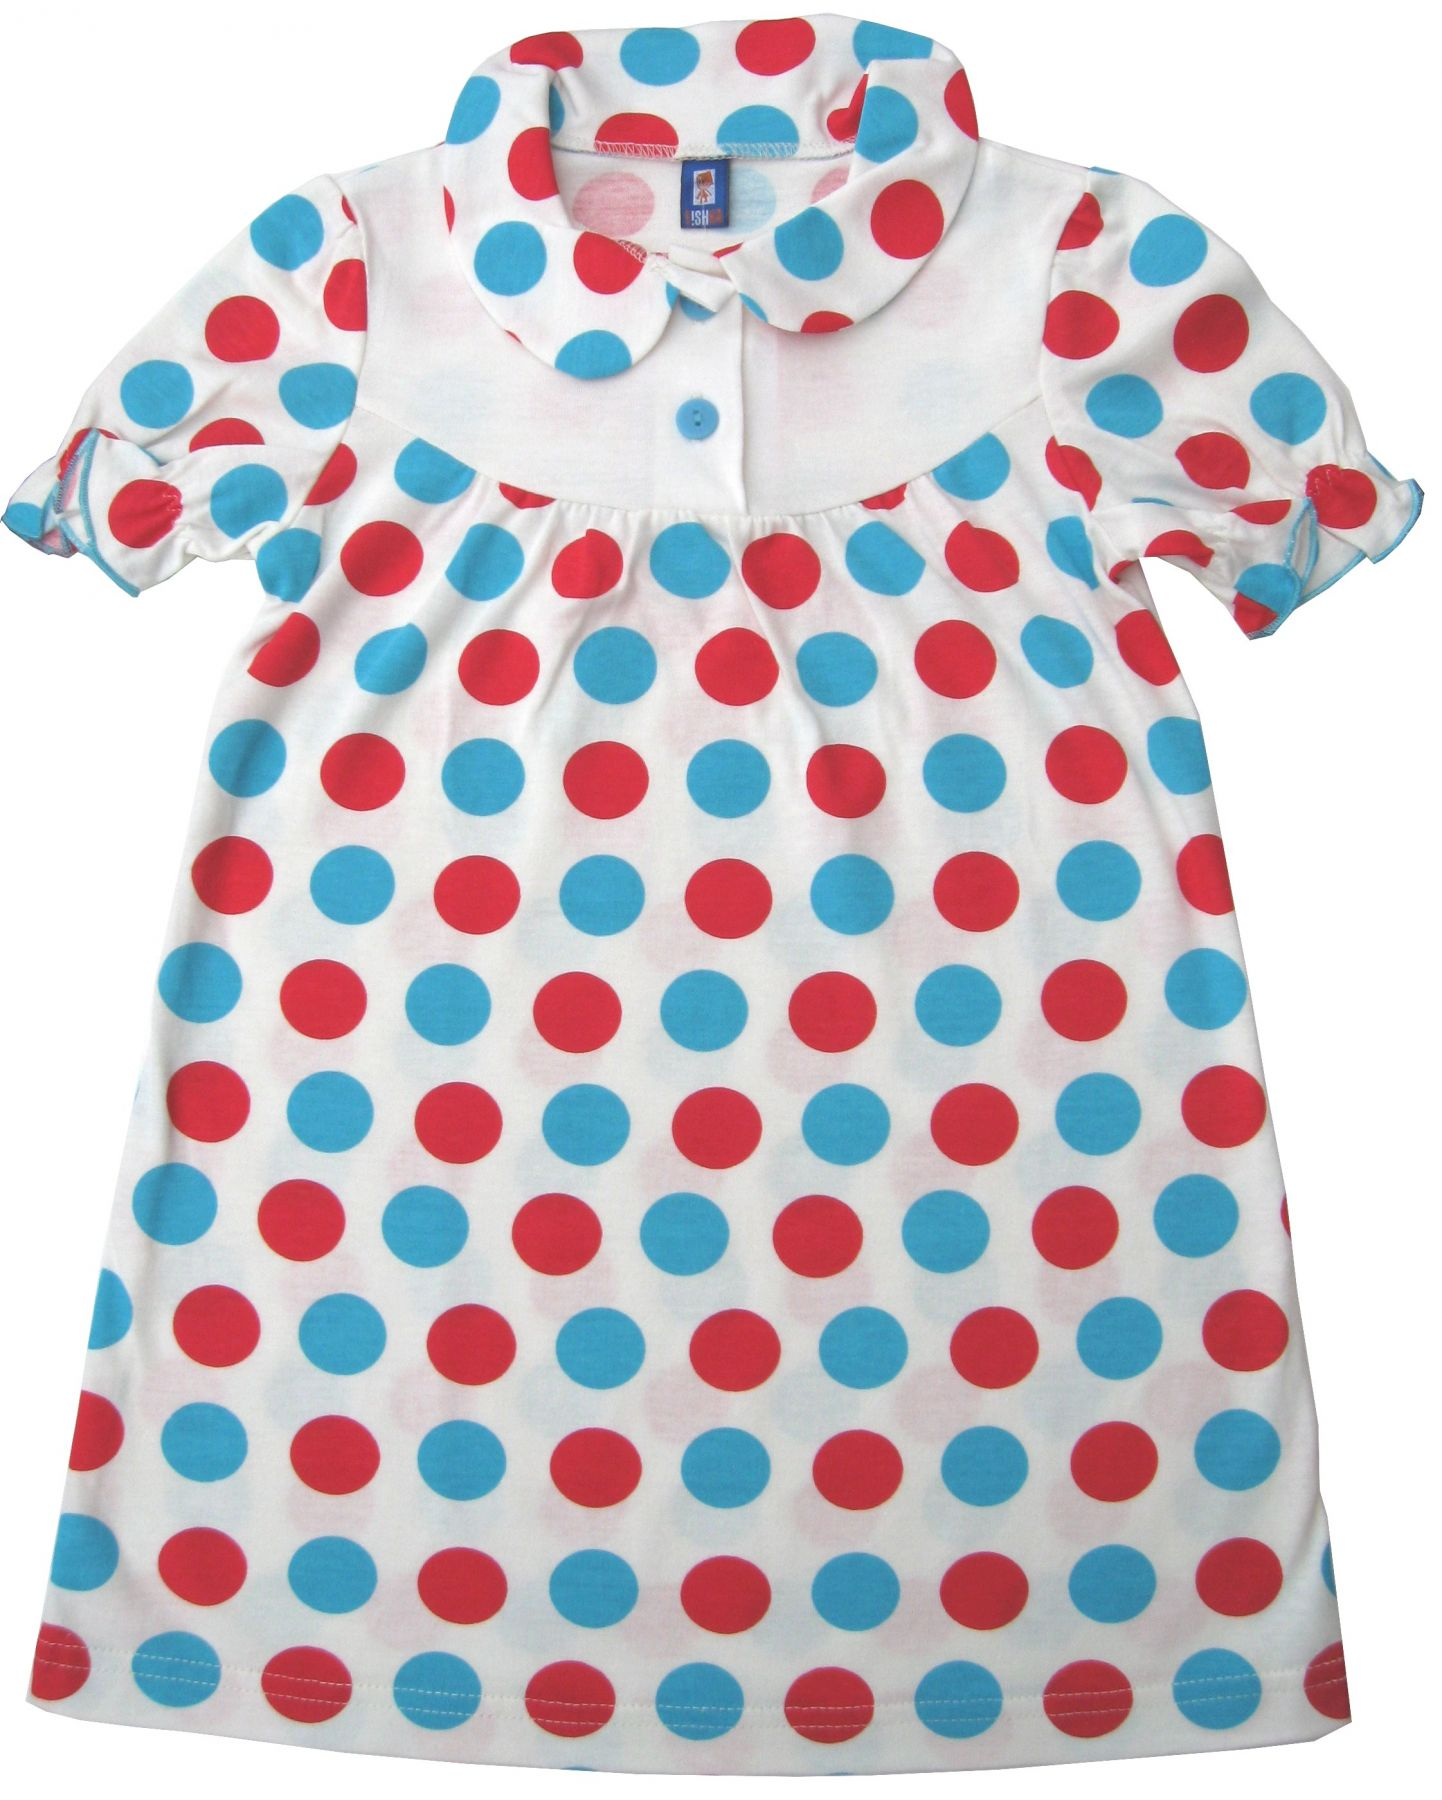 1c197f705a8 Купить красивое детское платье